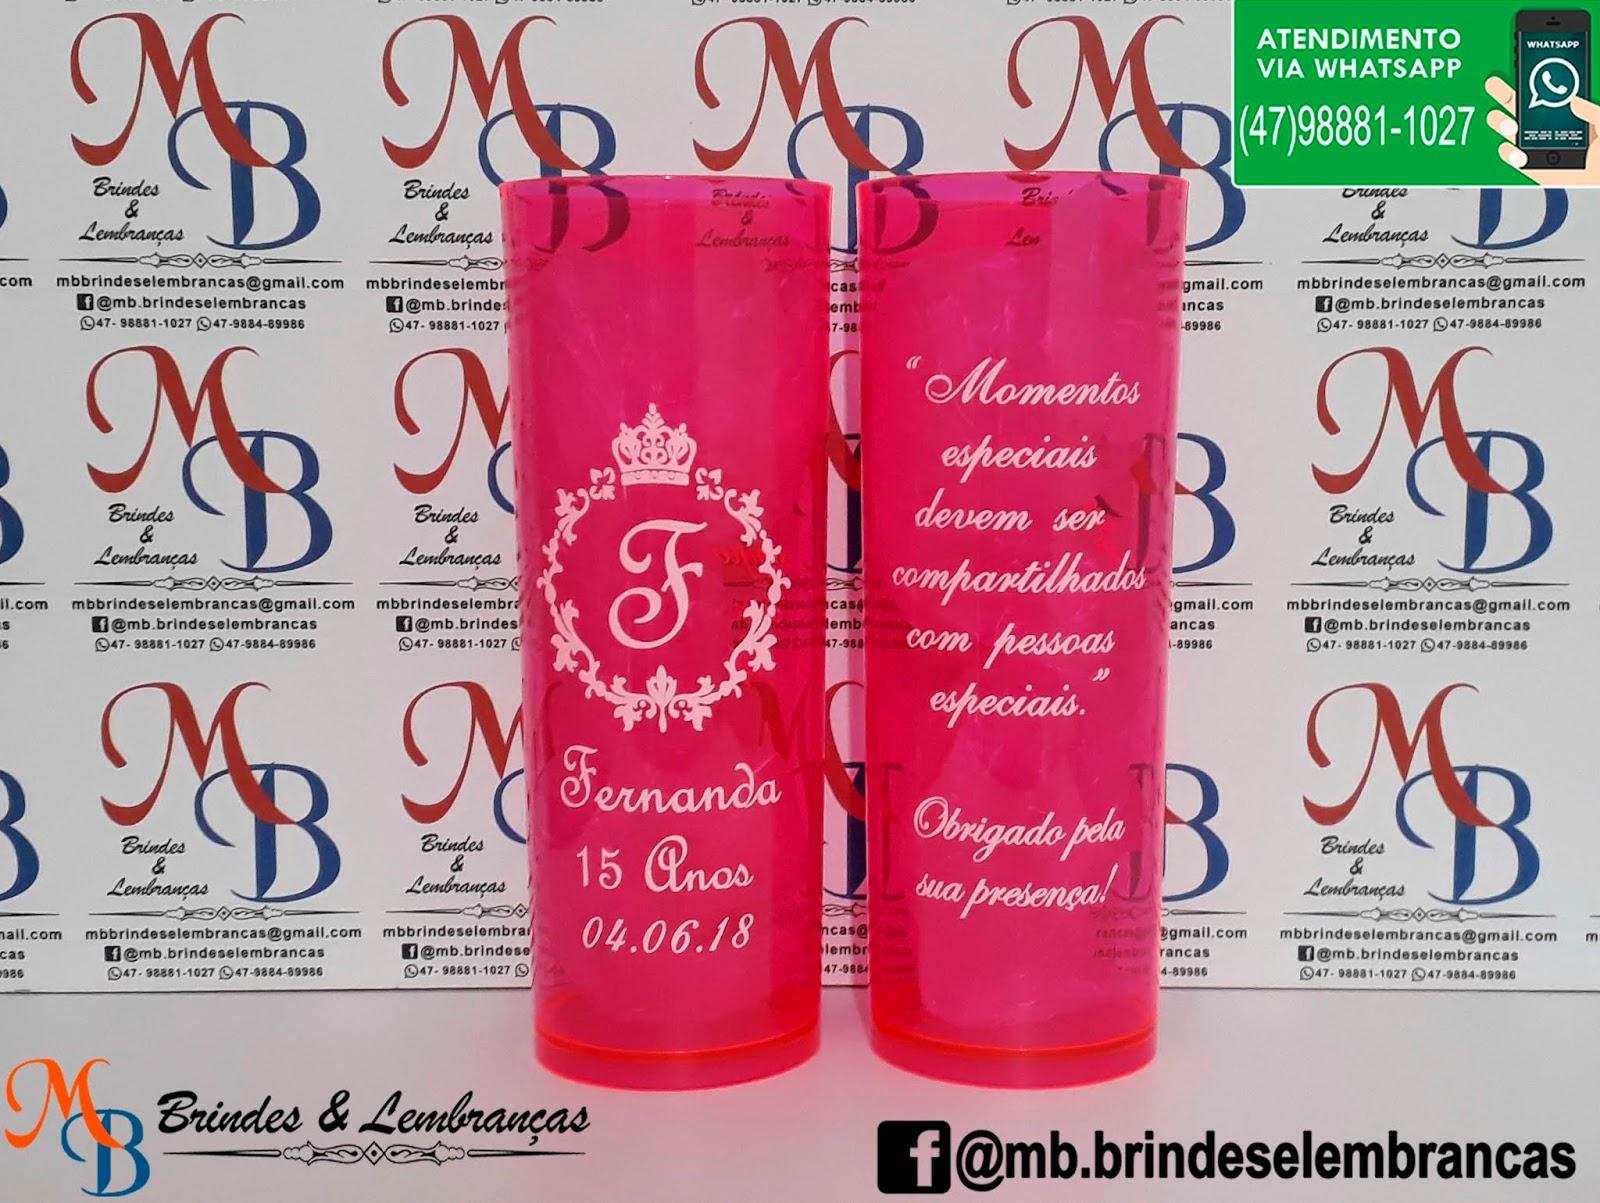 Copos Personalizados Aniversario 15 Anos Mb Brindes E Lembranças